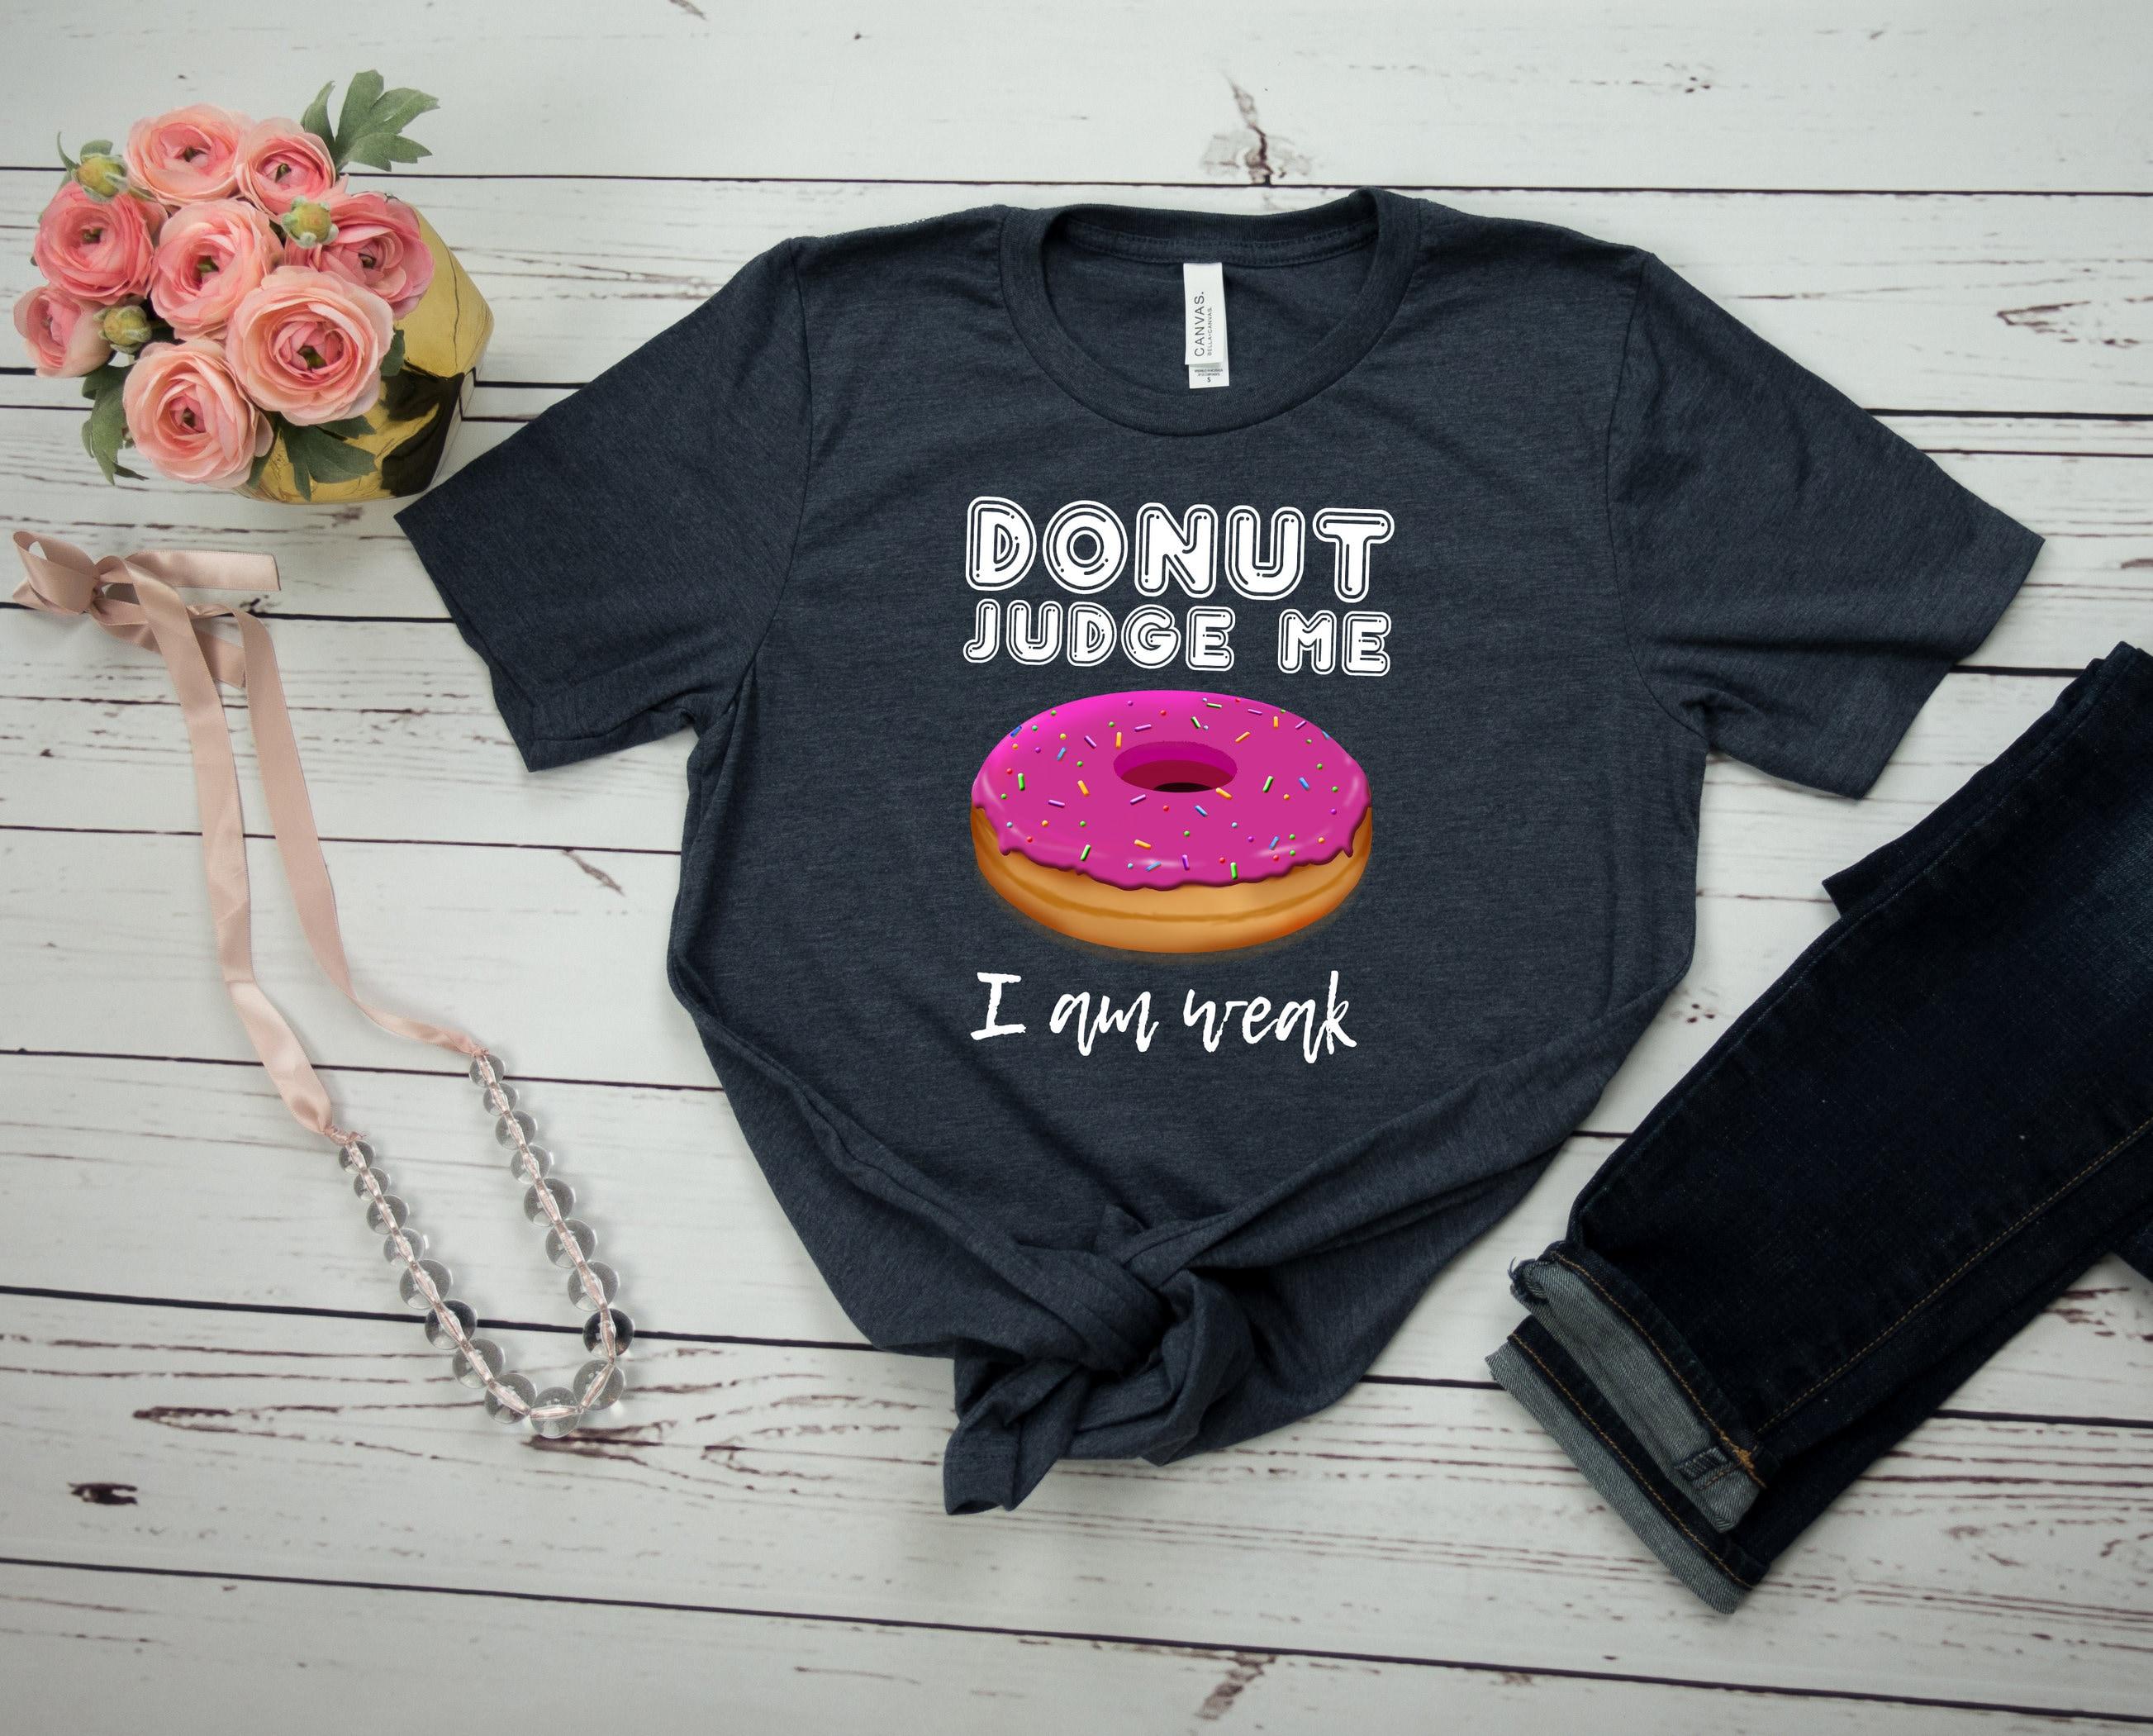 f98f6878 Donut Shirt Doughnut Shirt Funny Donut Shirt Donut Judge Me | Etsy